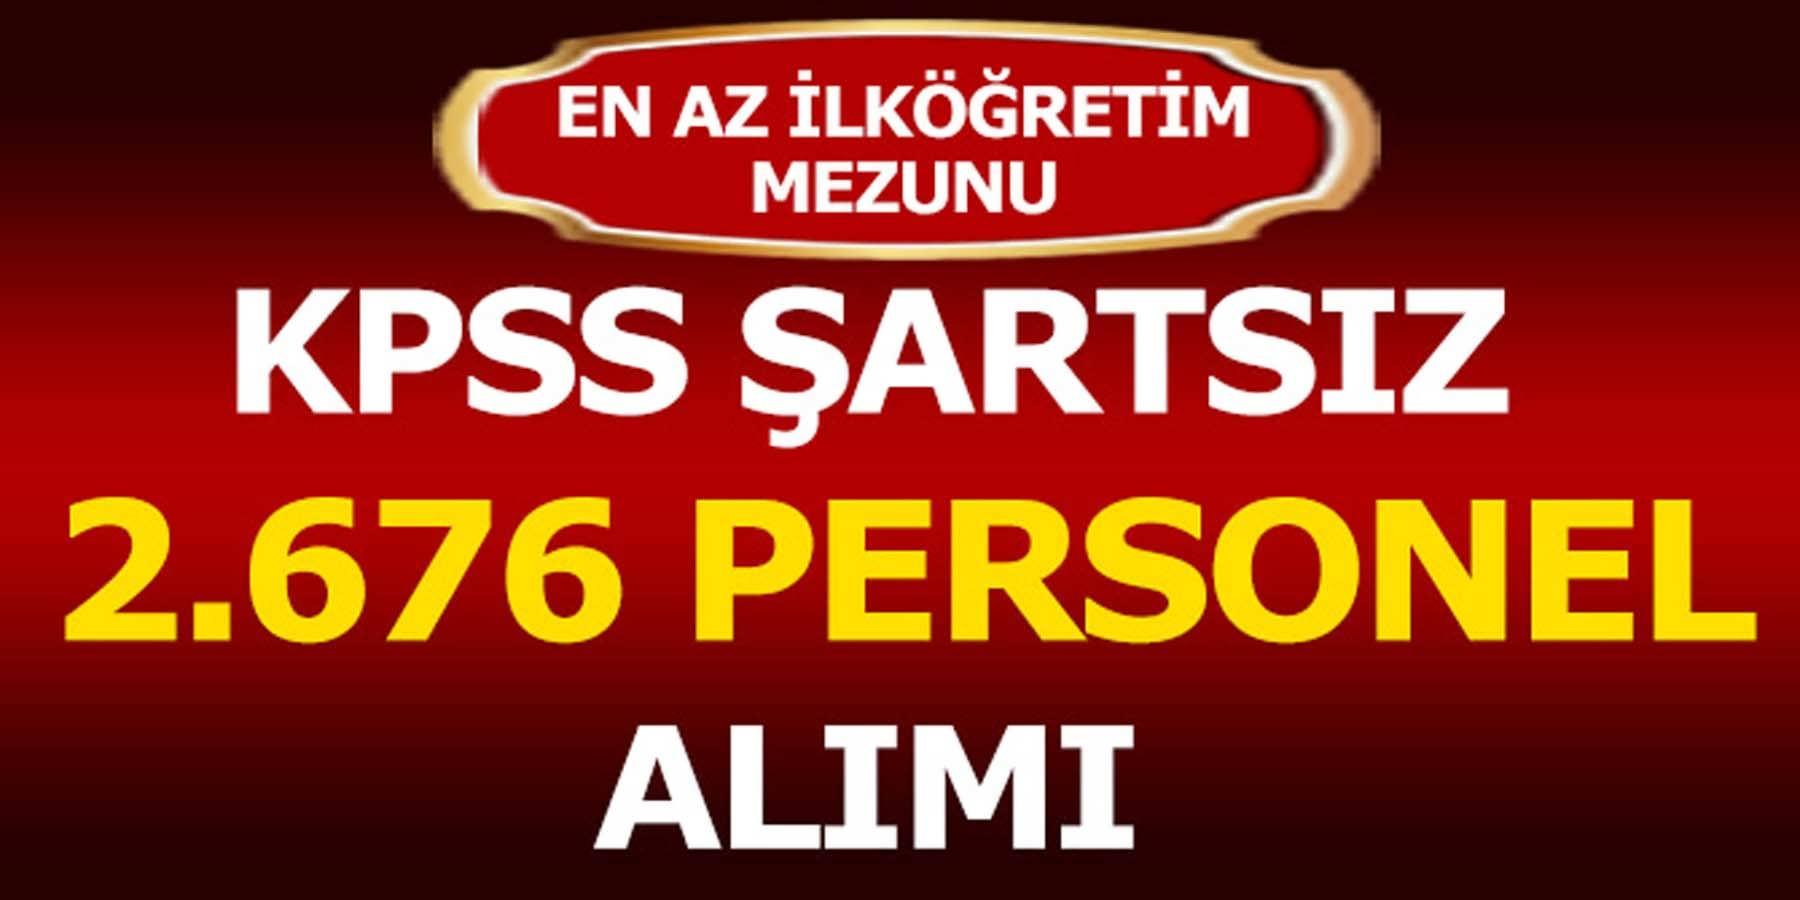 KPSS Şartsız 2676 Kamu Personeli Alımı